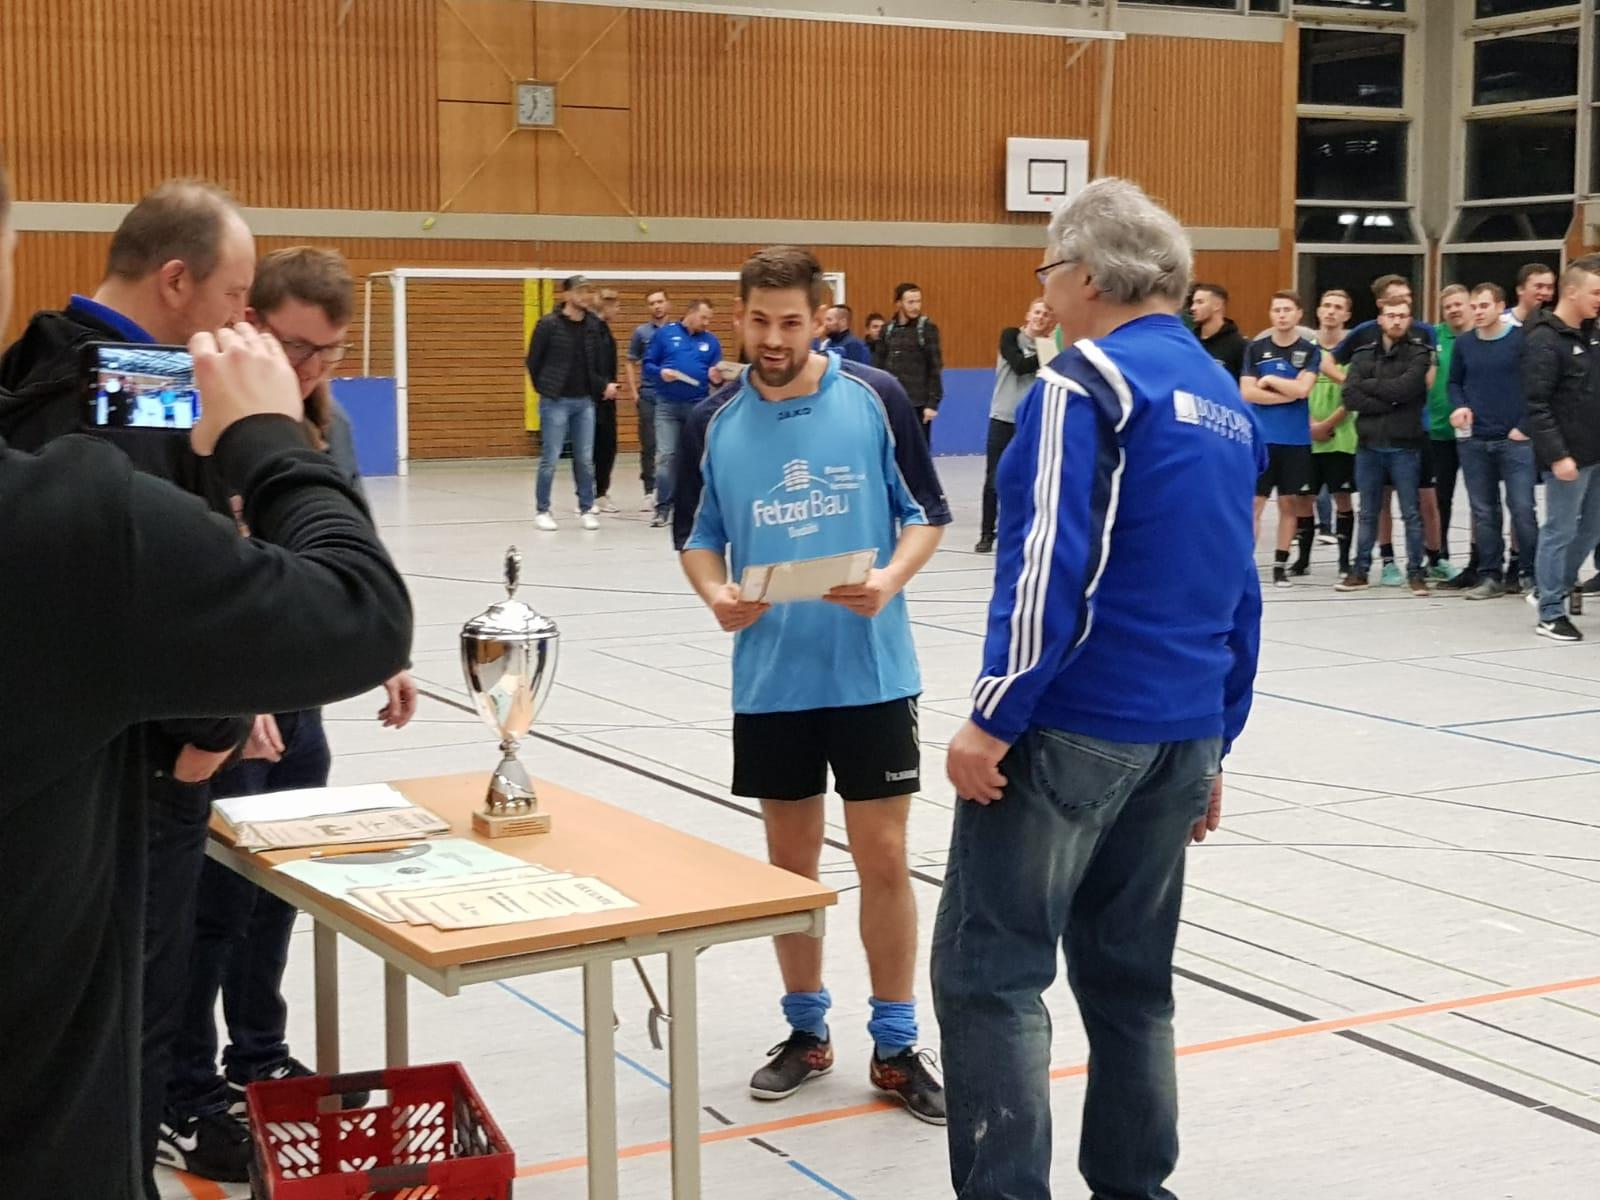 24.01.2019 - Mitternachtsturnier SV Meinhardswinden - FC Erzberg-Wörnitz